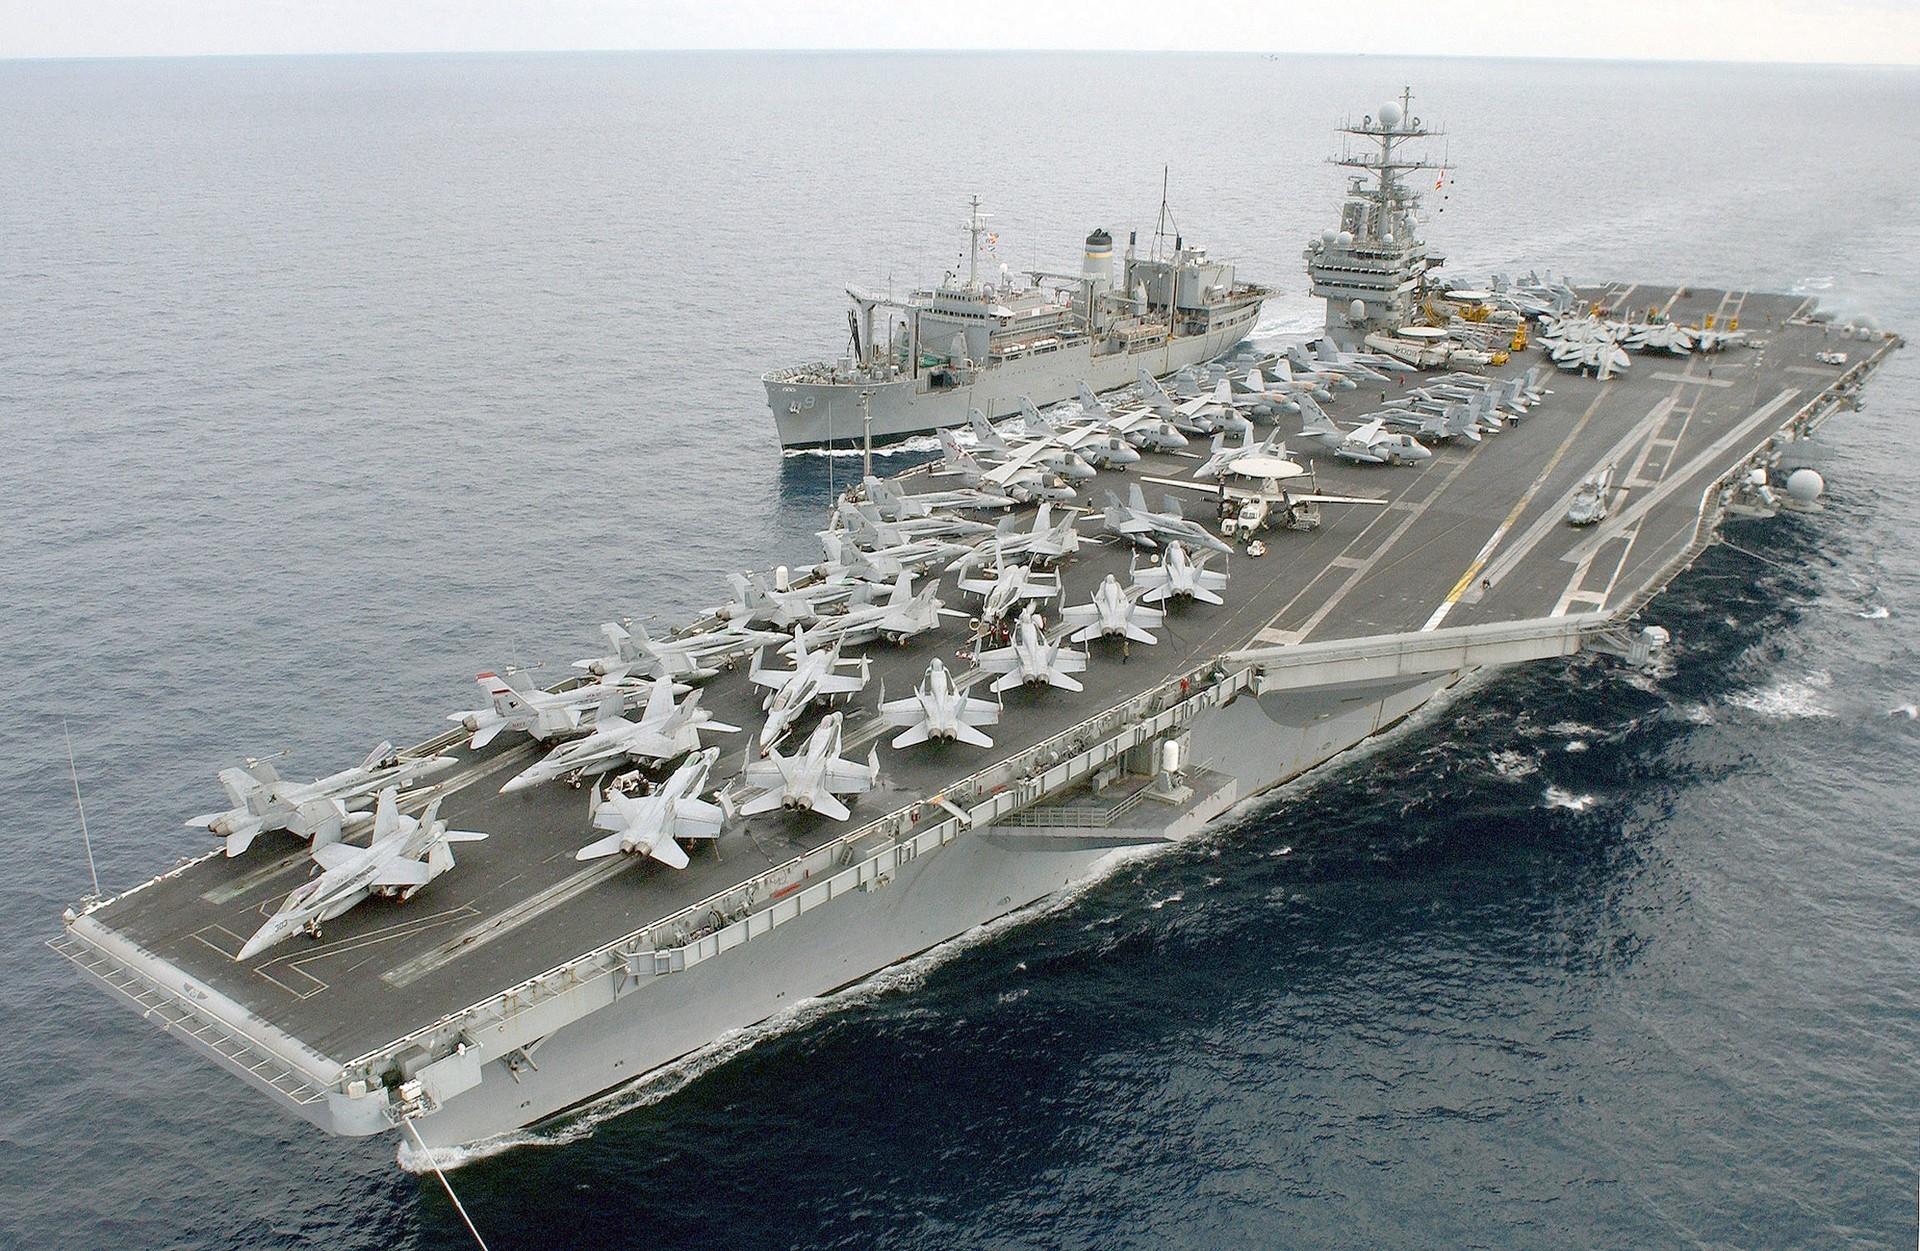 Letalonosilka na jedrski pogon Harry S. Truman in poveljniška ladja Spica (T-AFS-9)